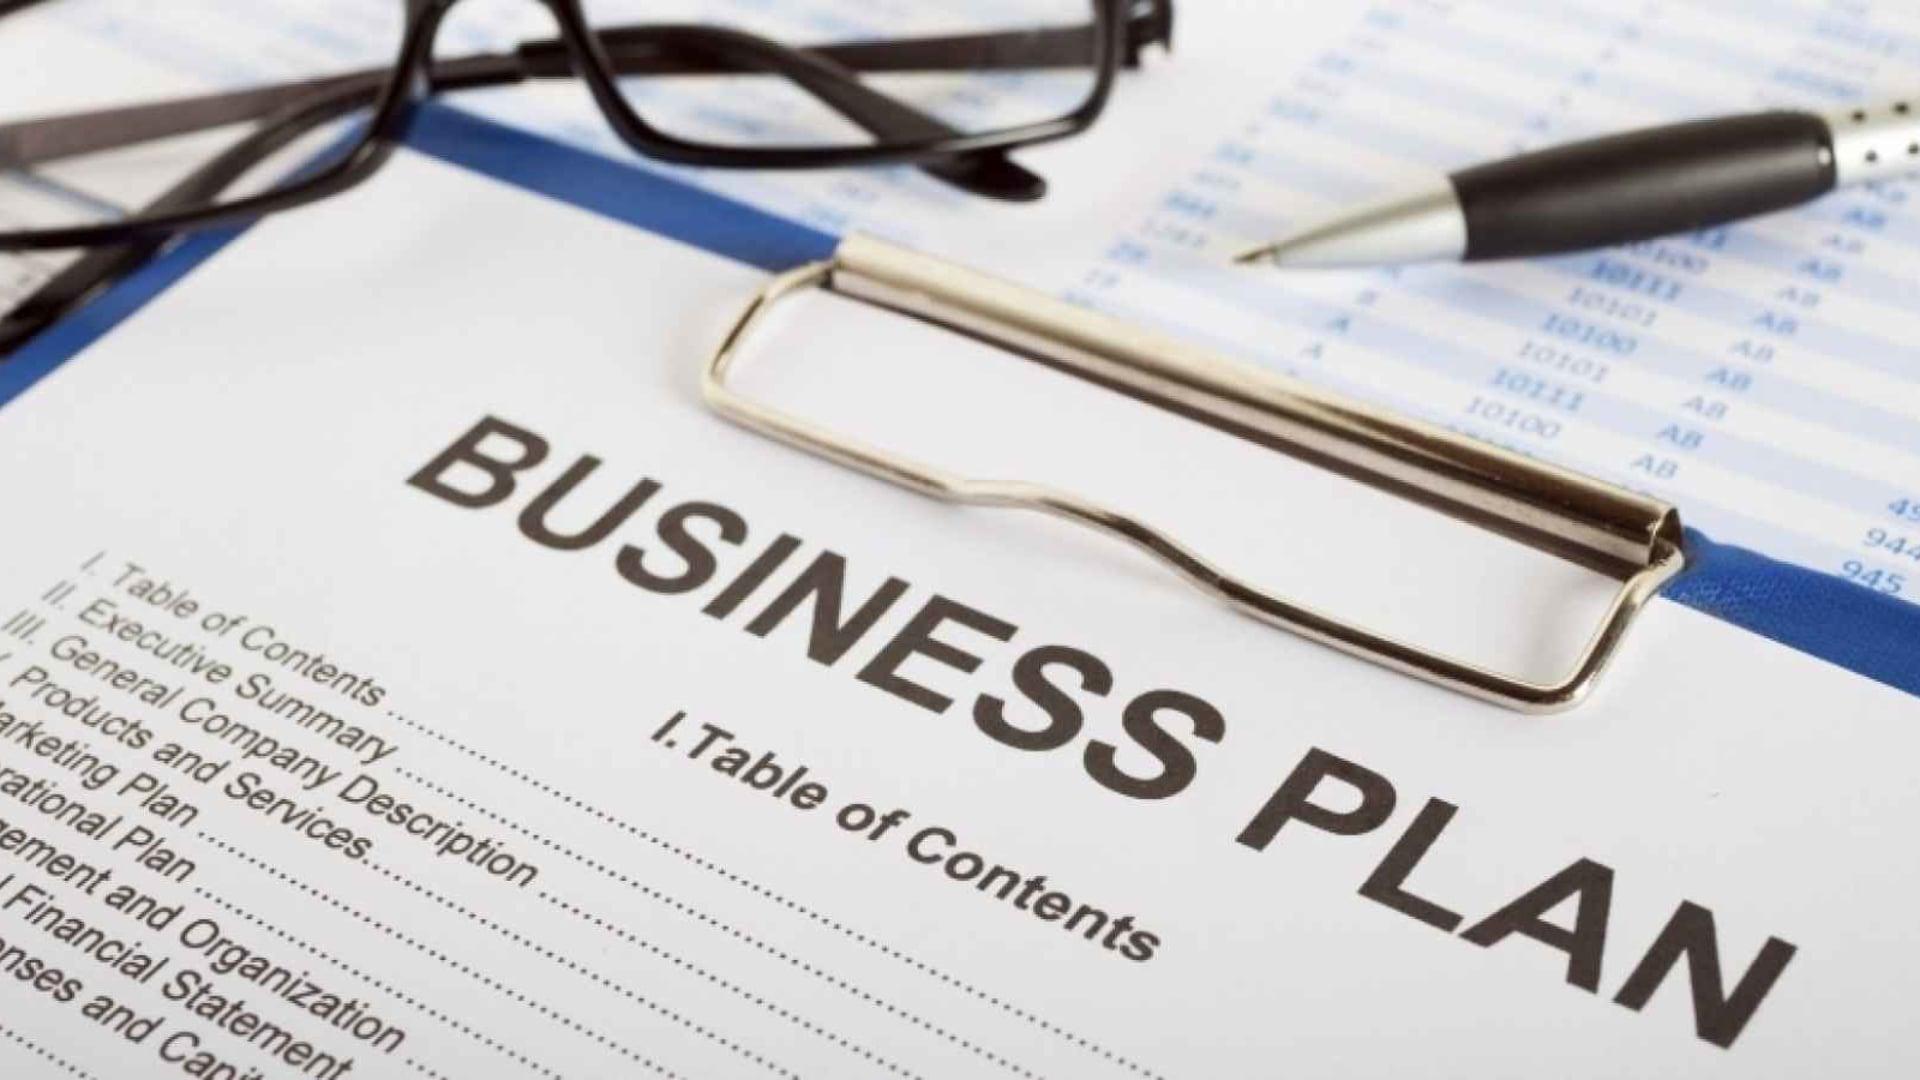 BUSINESS PLANS & PROPOSALS